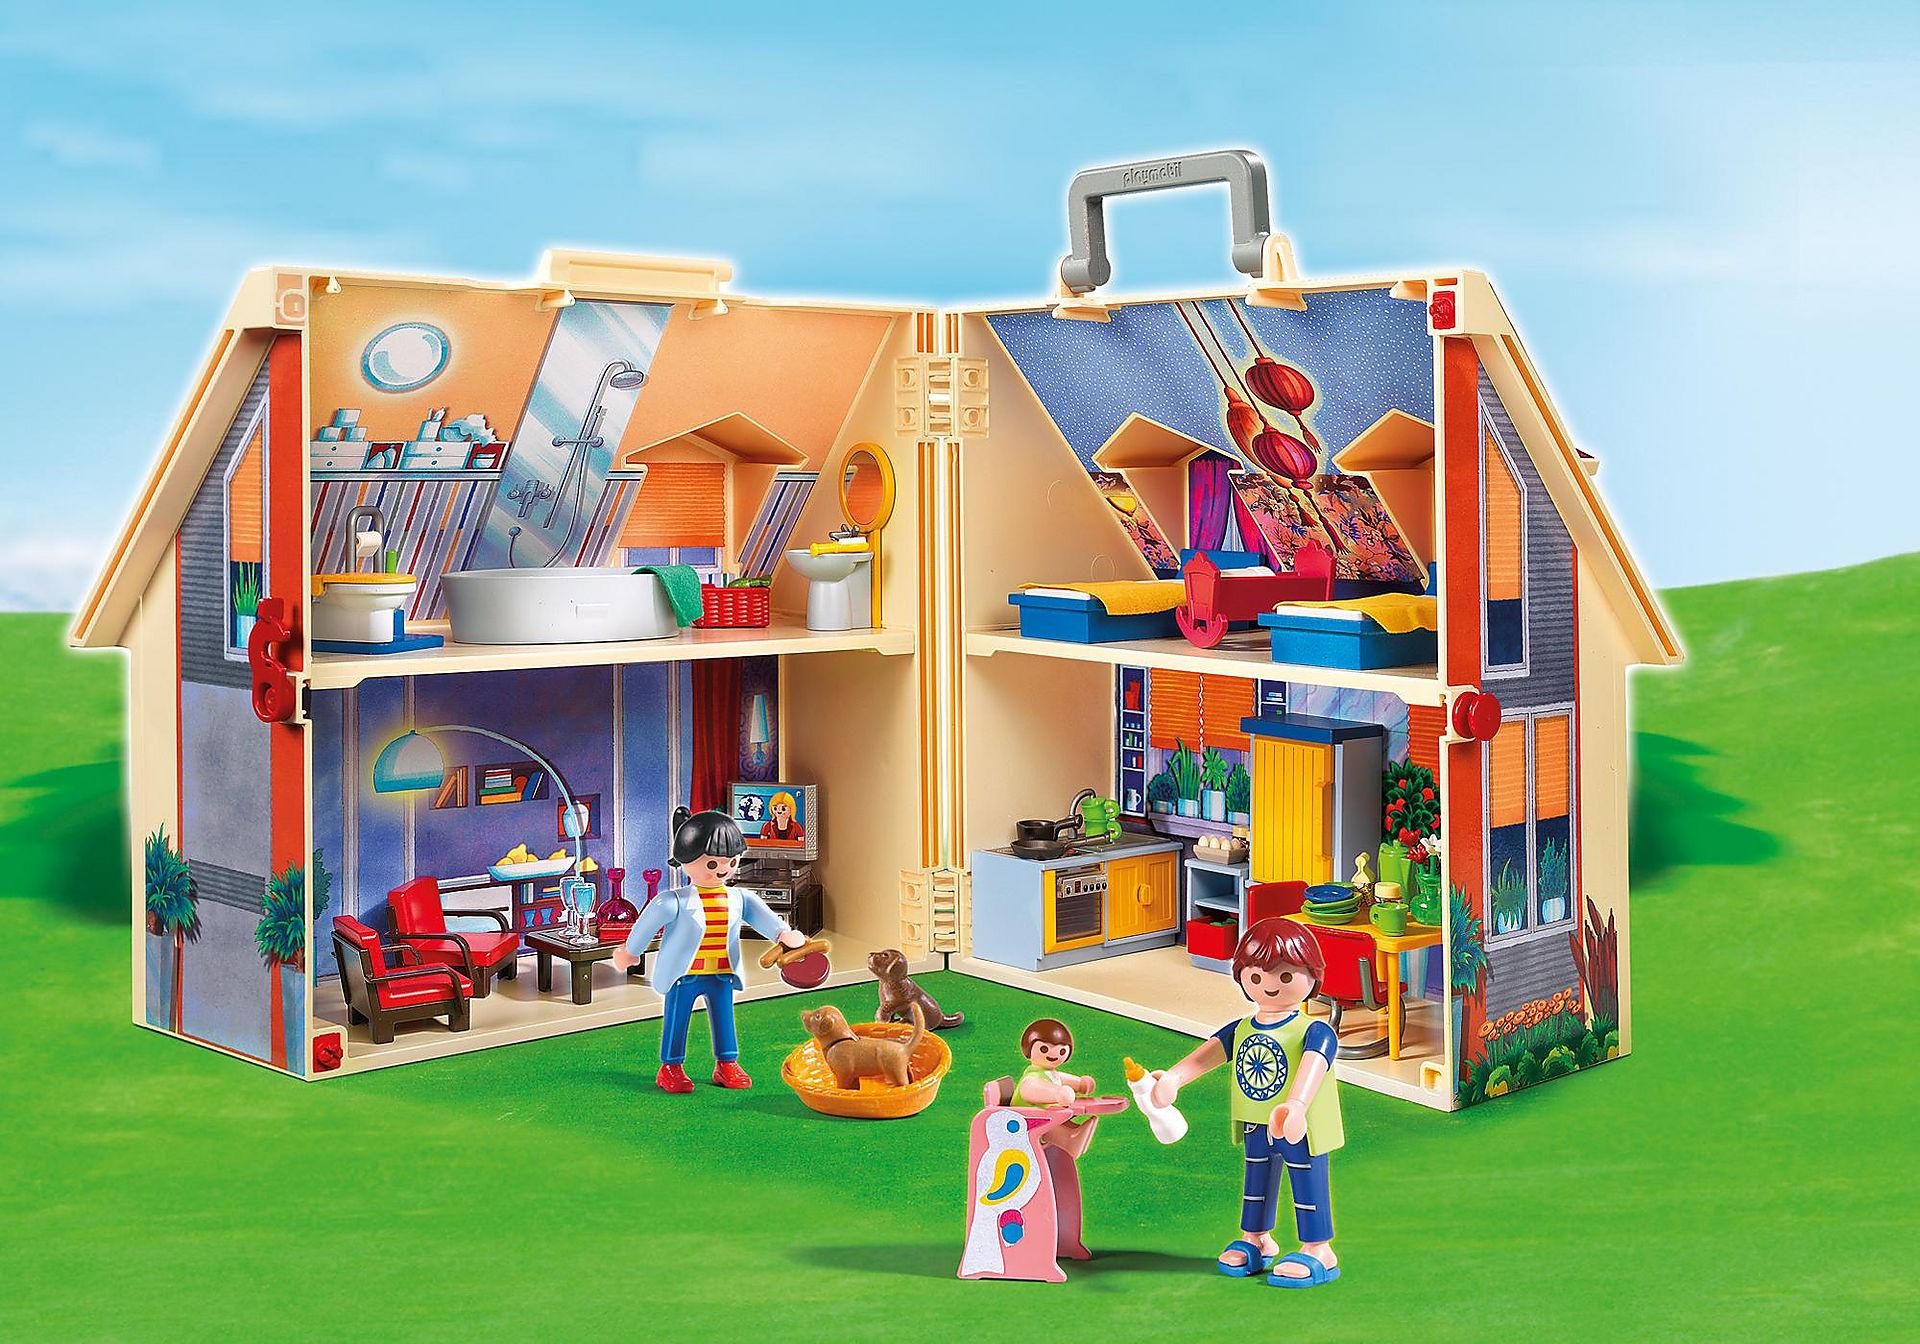 5167 Nowy przenośny domek dla lalek zoom image1